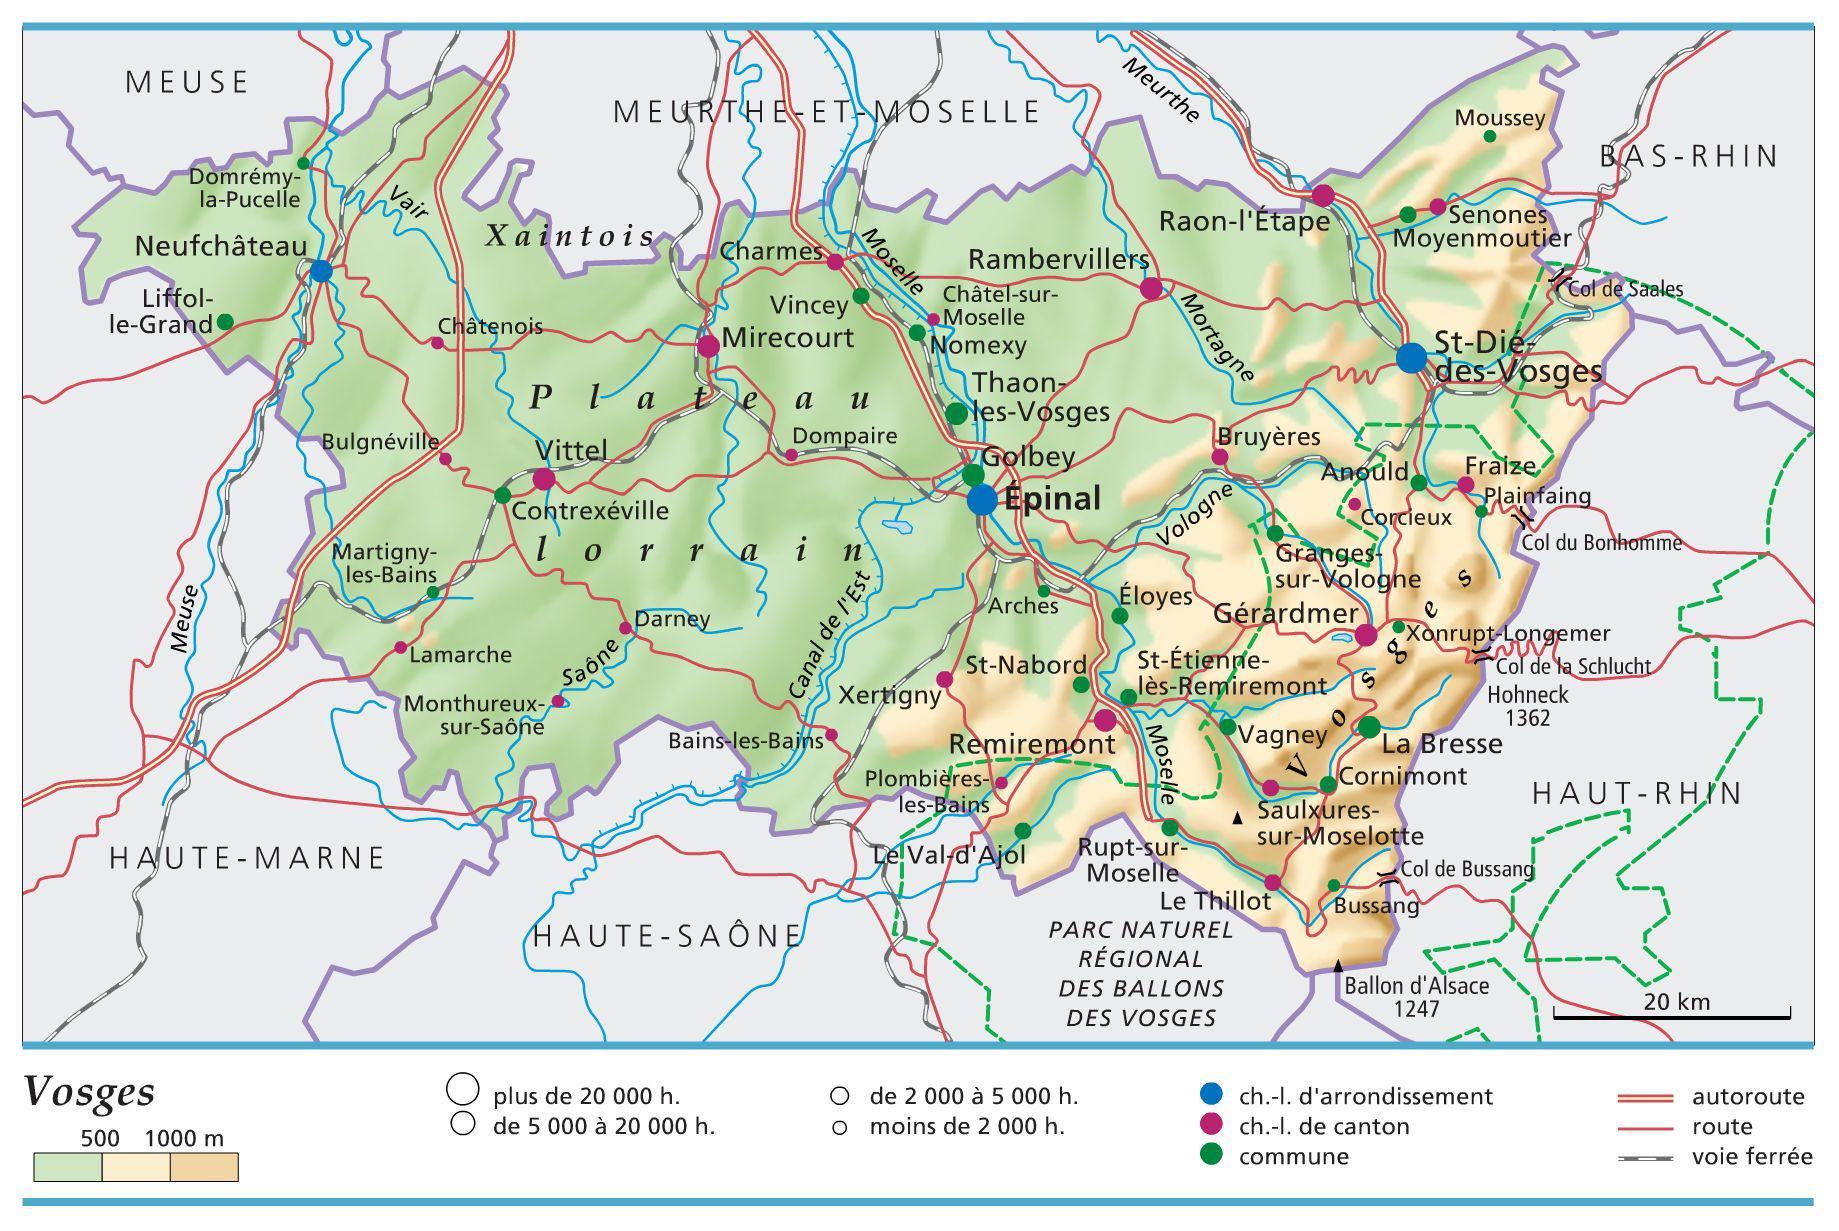 Carte des Vosges   Vosges carte du département 88   villes